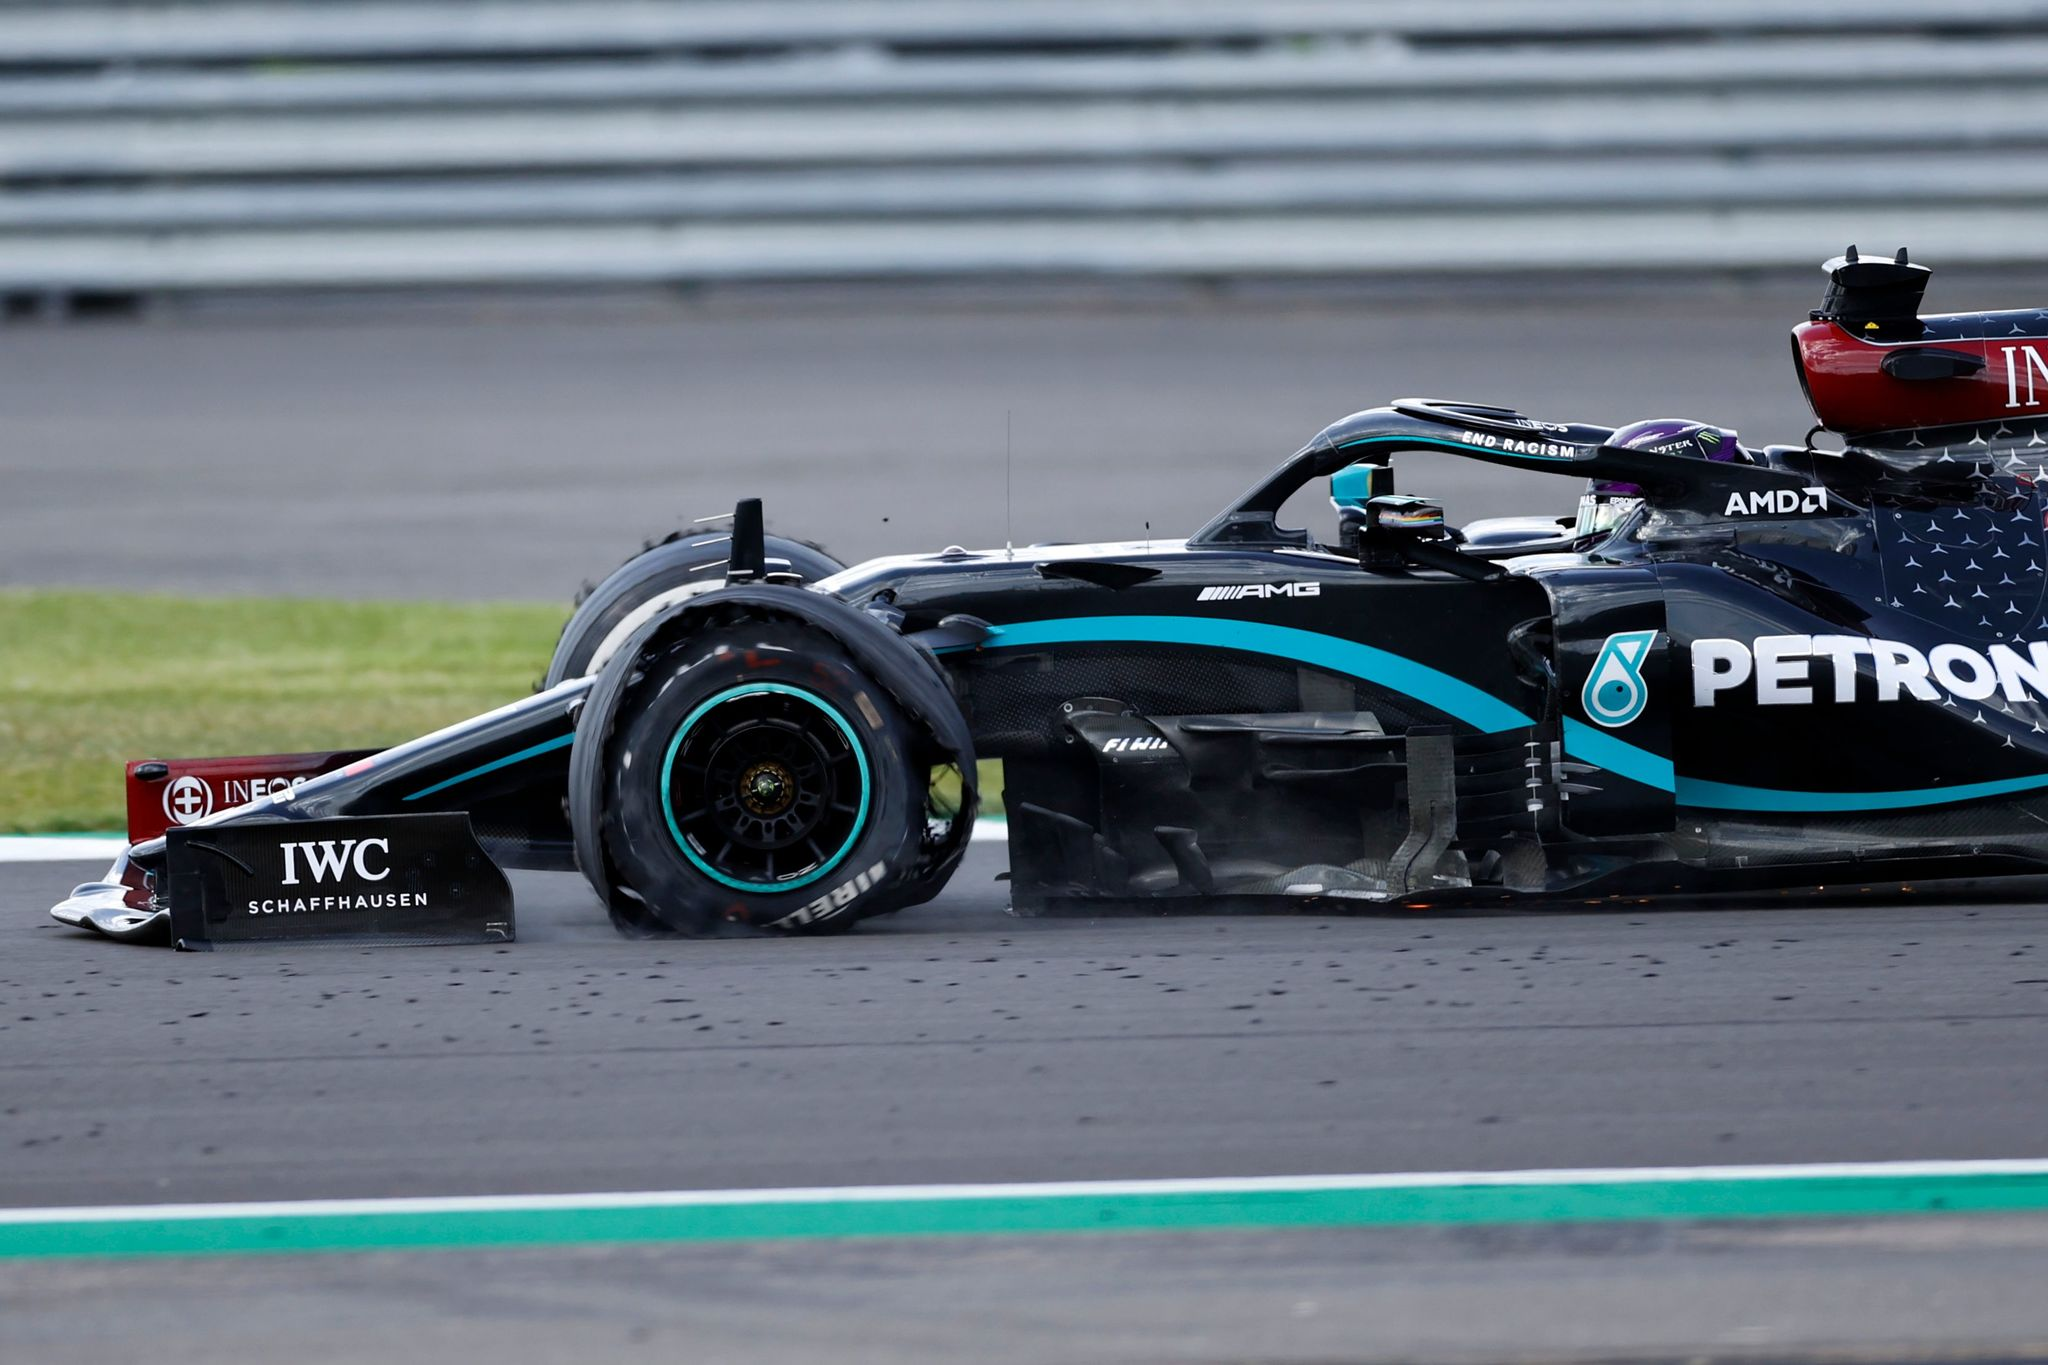 Hamilton gana en Silverstone con el coche pinchado; adiós de Sainz cuando iba a ser cuarto